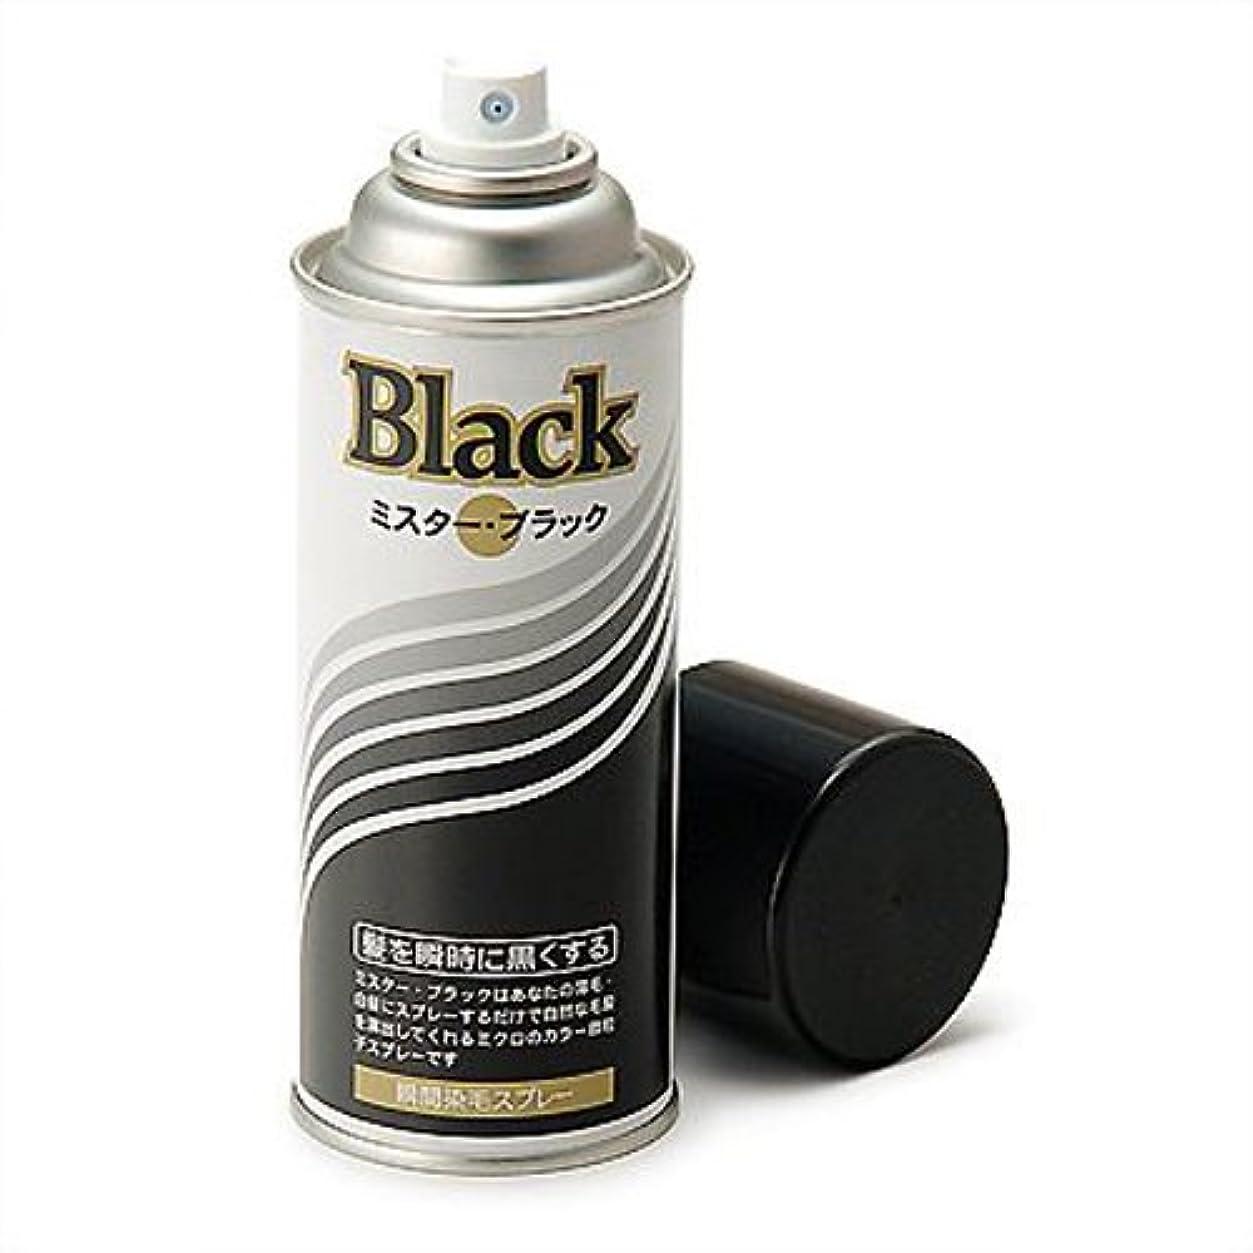 バッフルを除くジュニア増毛スプレー剤で薄毛を瞬時で増毛にするミスターブラック1本